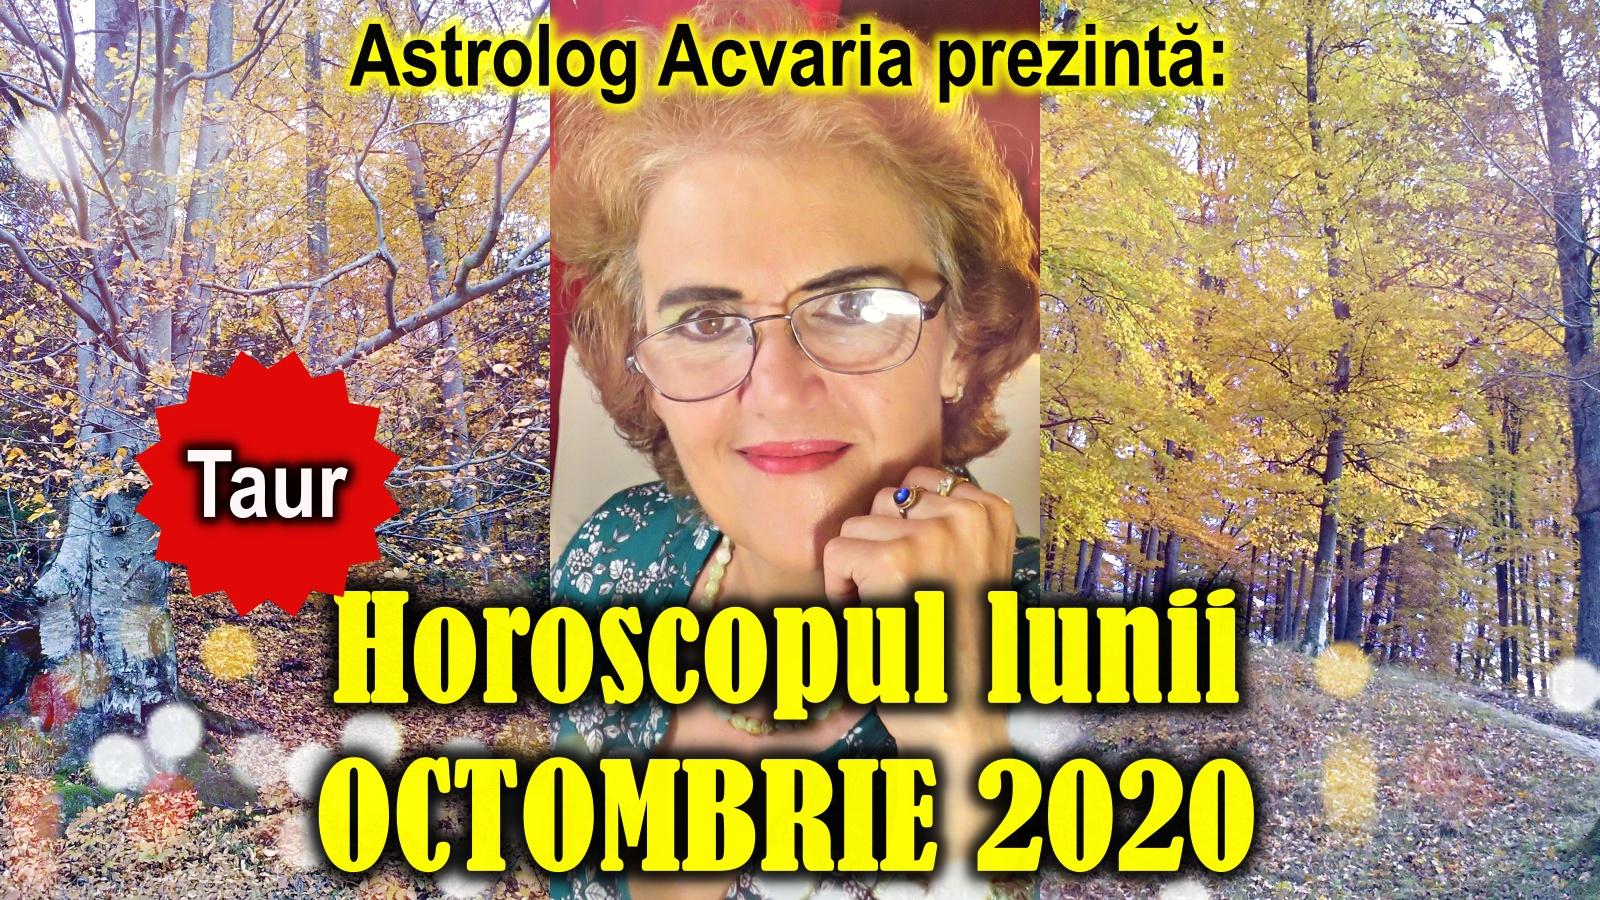 Horoscopul lunii OCTOMBRIE * Zodia TAURULUI